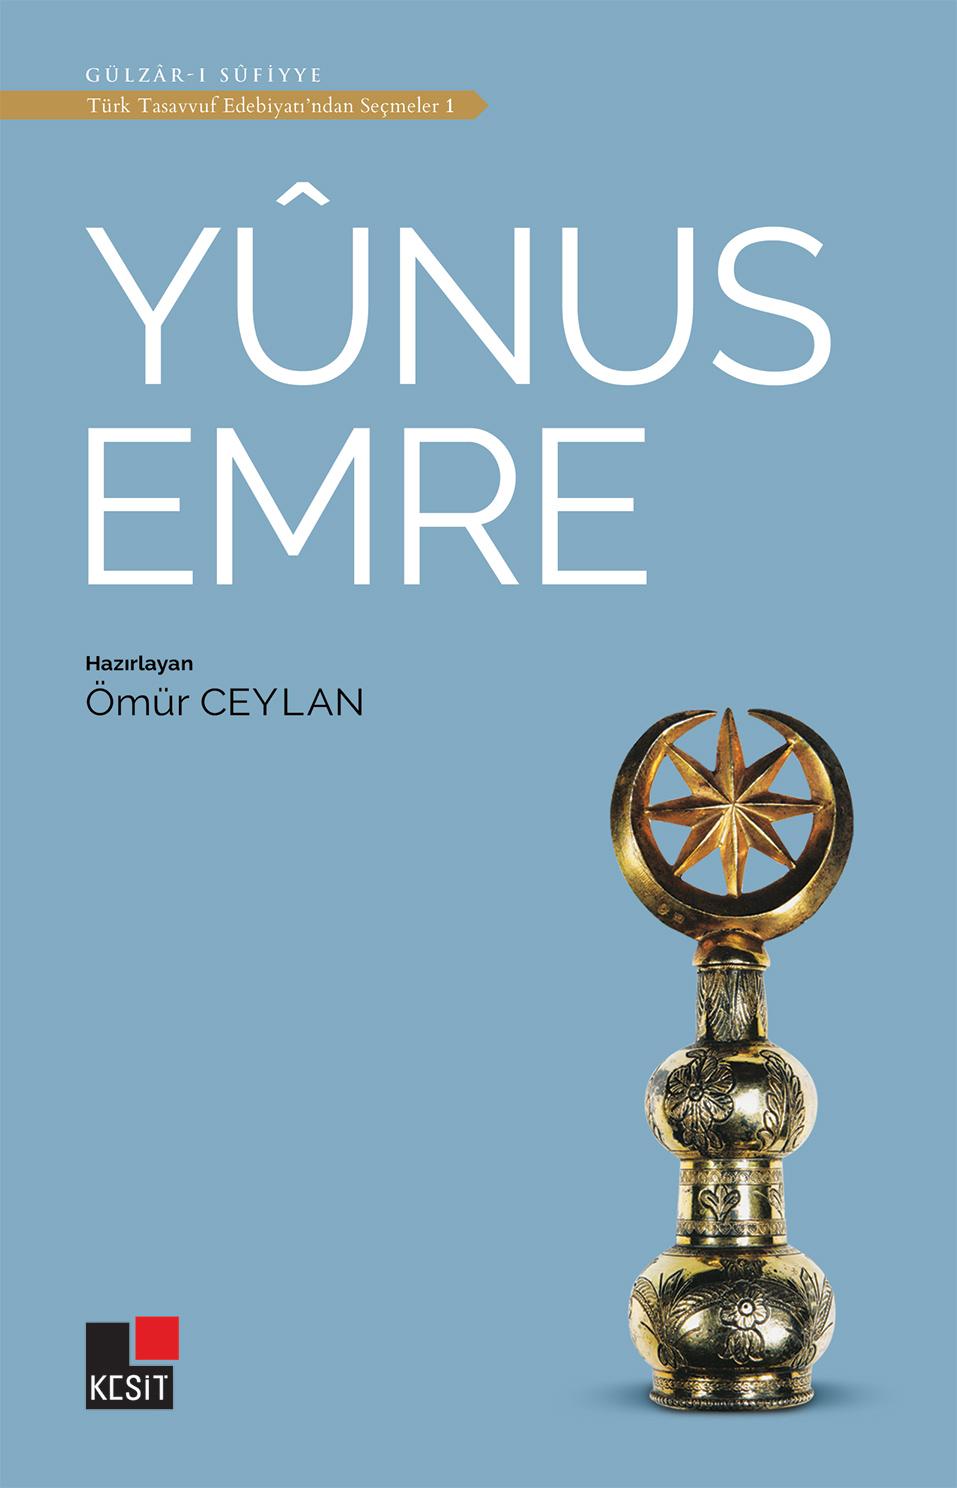 Yûnus Emre / Türk tasavvuf edebiyatından seçmeler 1